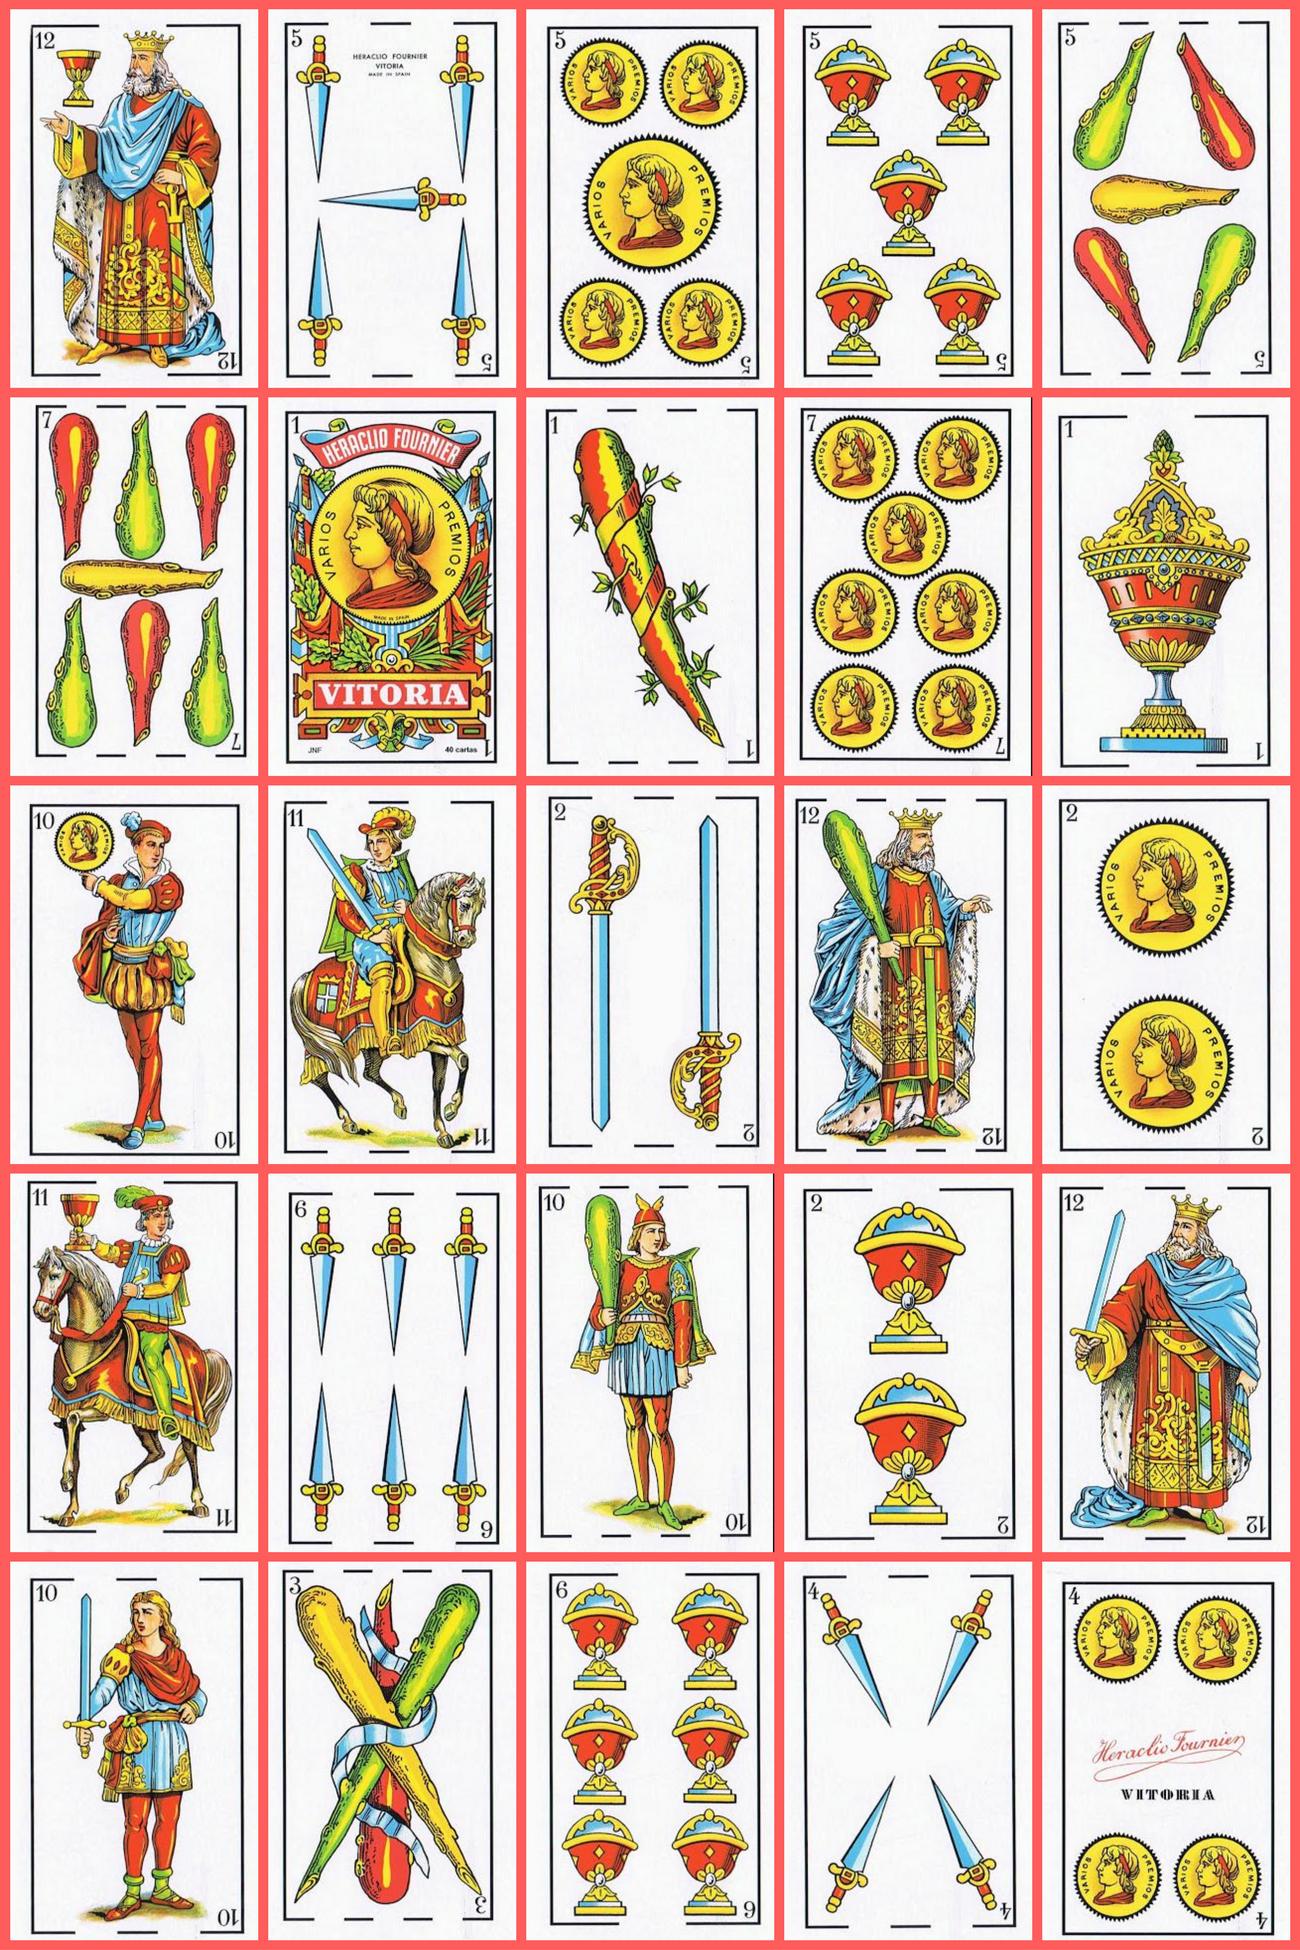 Cartones Del Poquino Pokino Pinterest Carton Juegos Y Propios